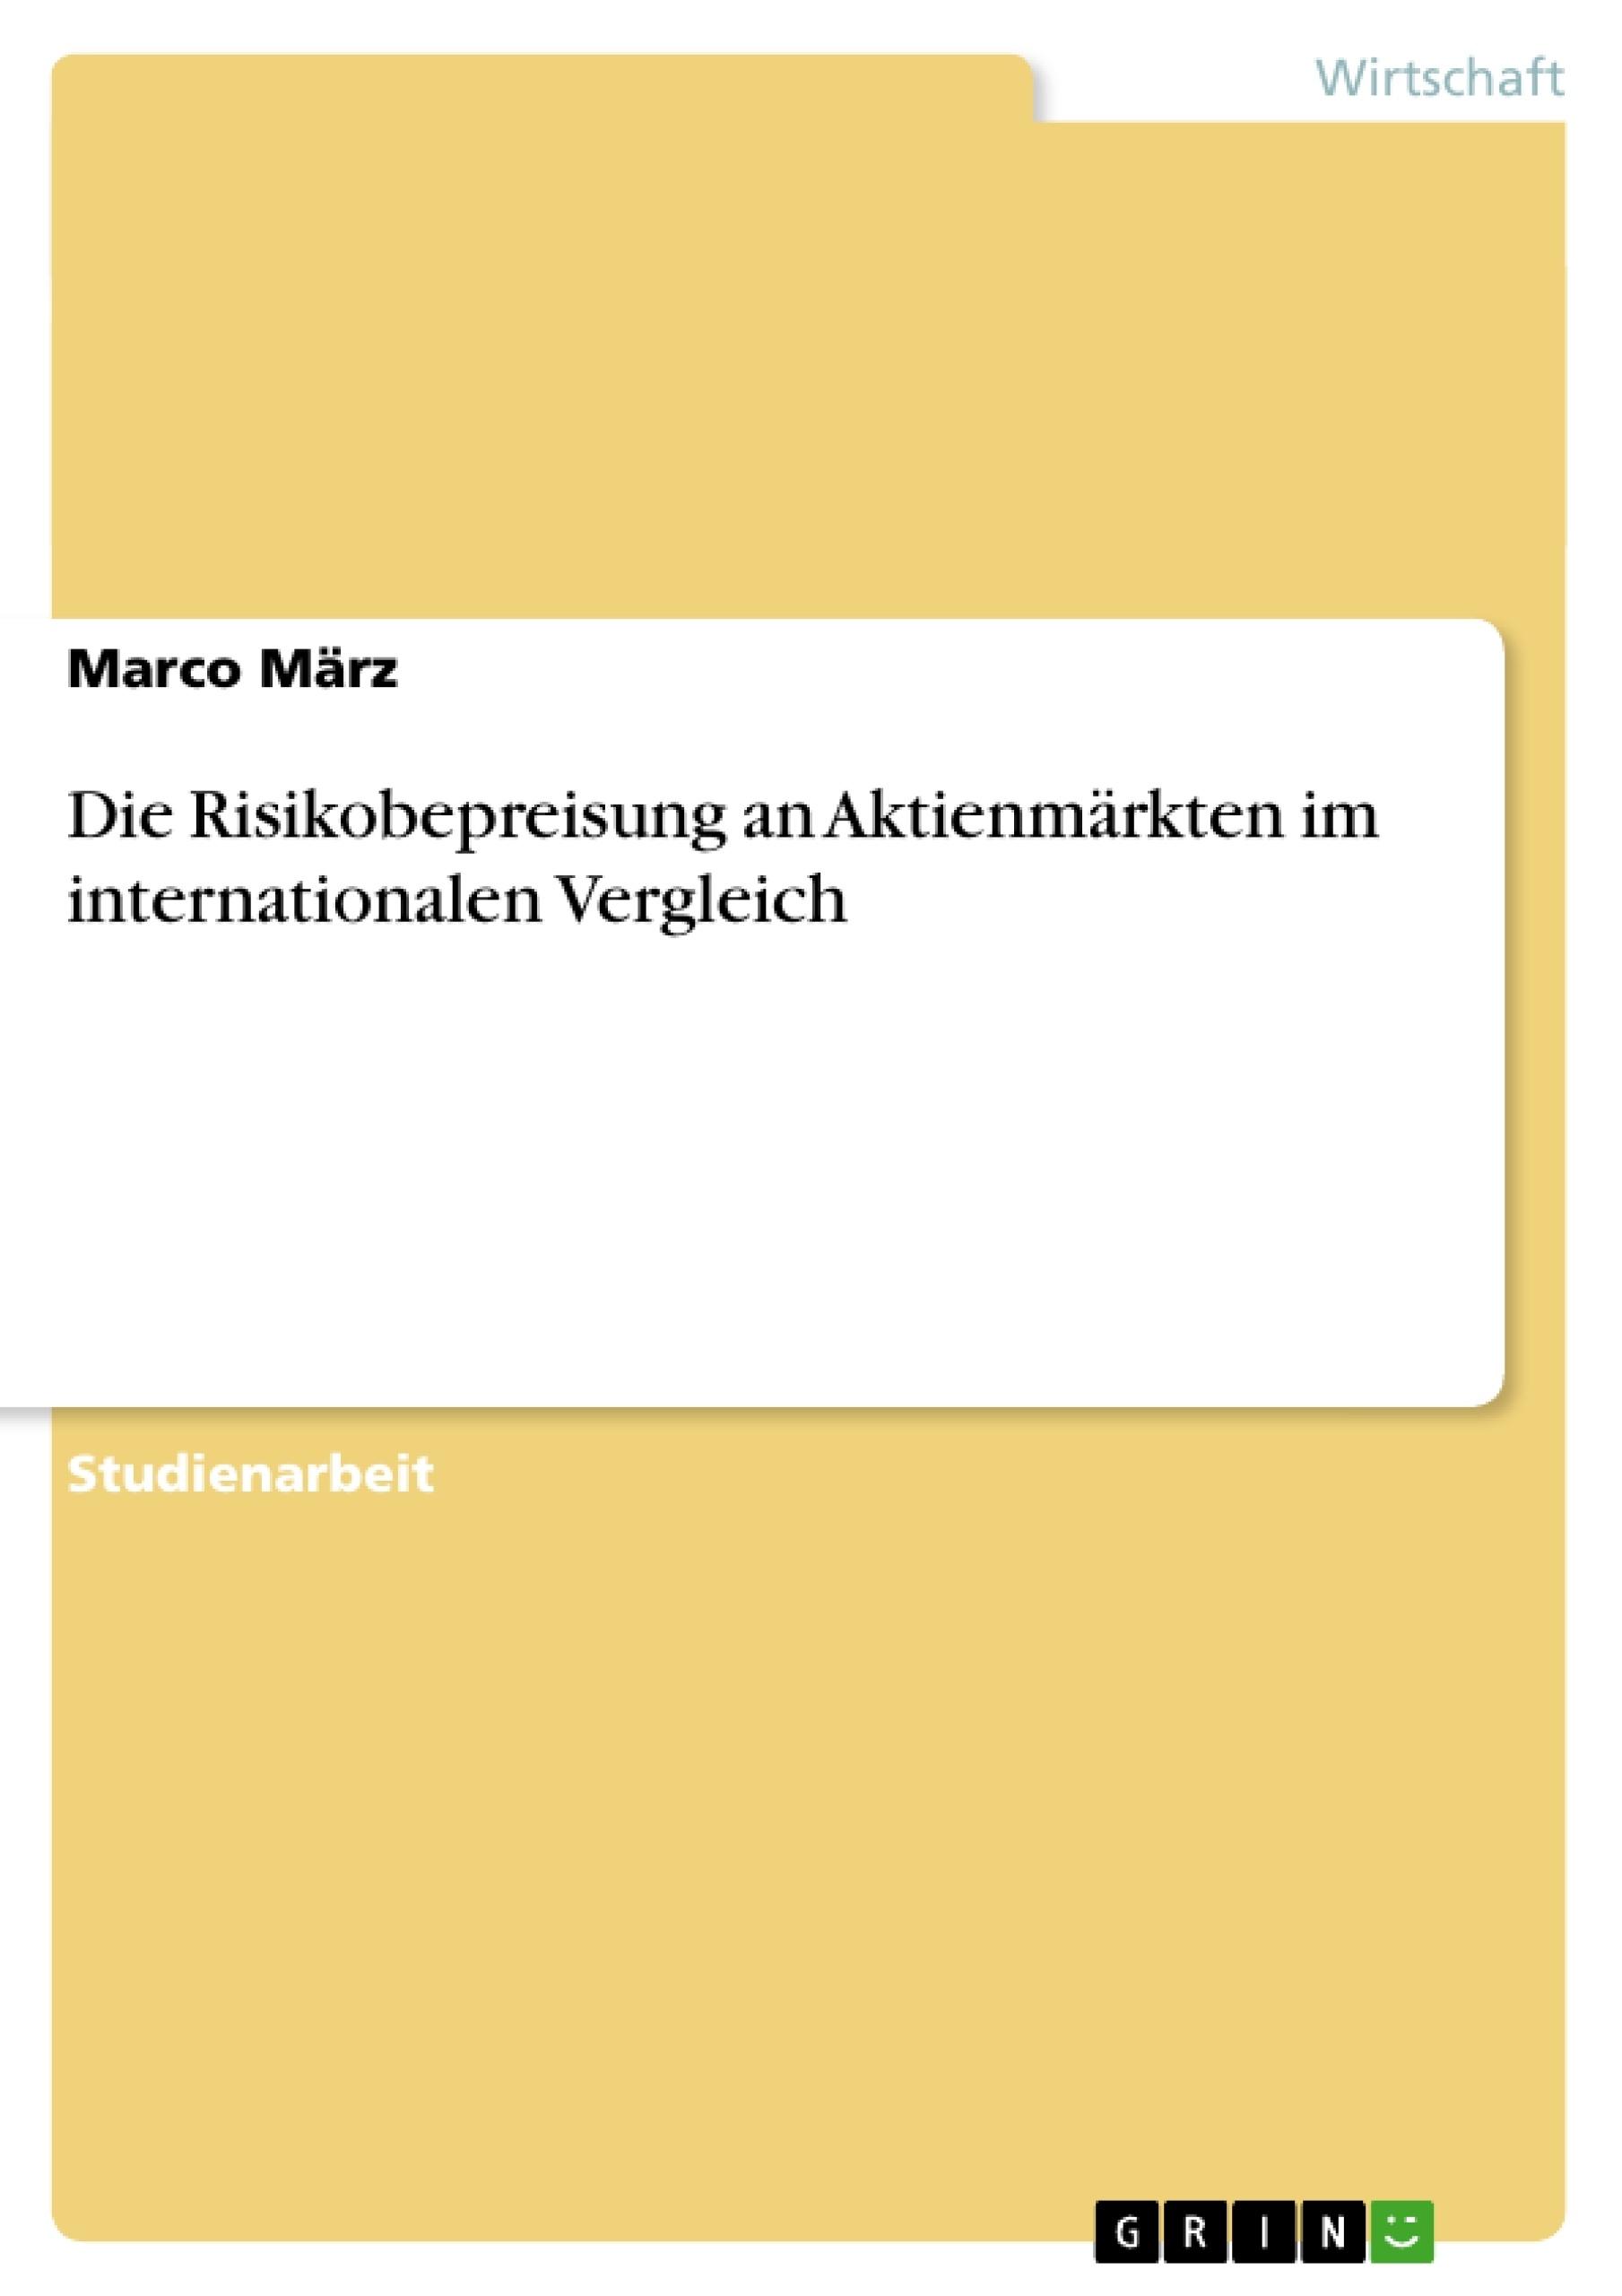 Titel: Die Risikobepreisung an Aktienmärkten im internationalen Vergleich